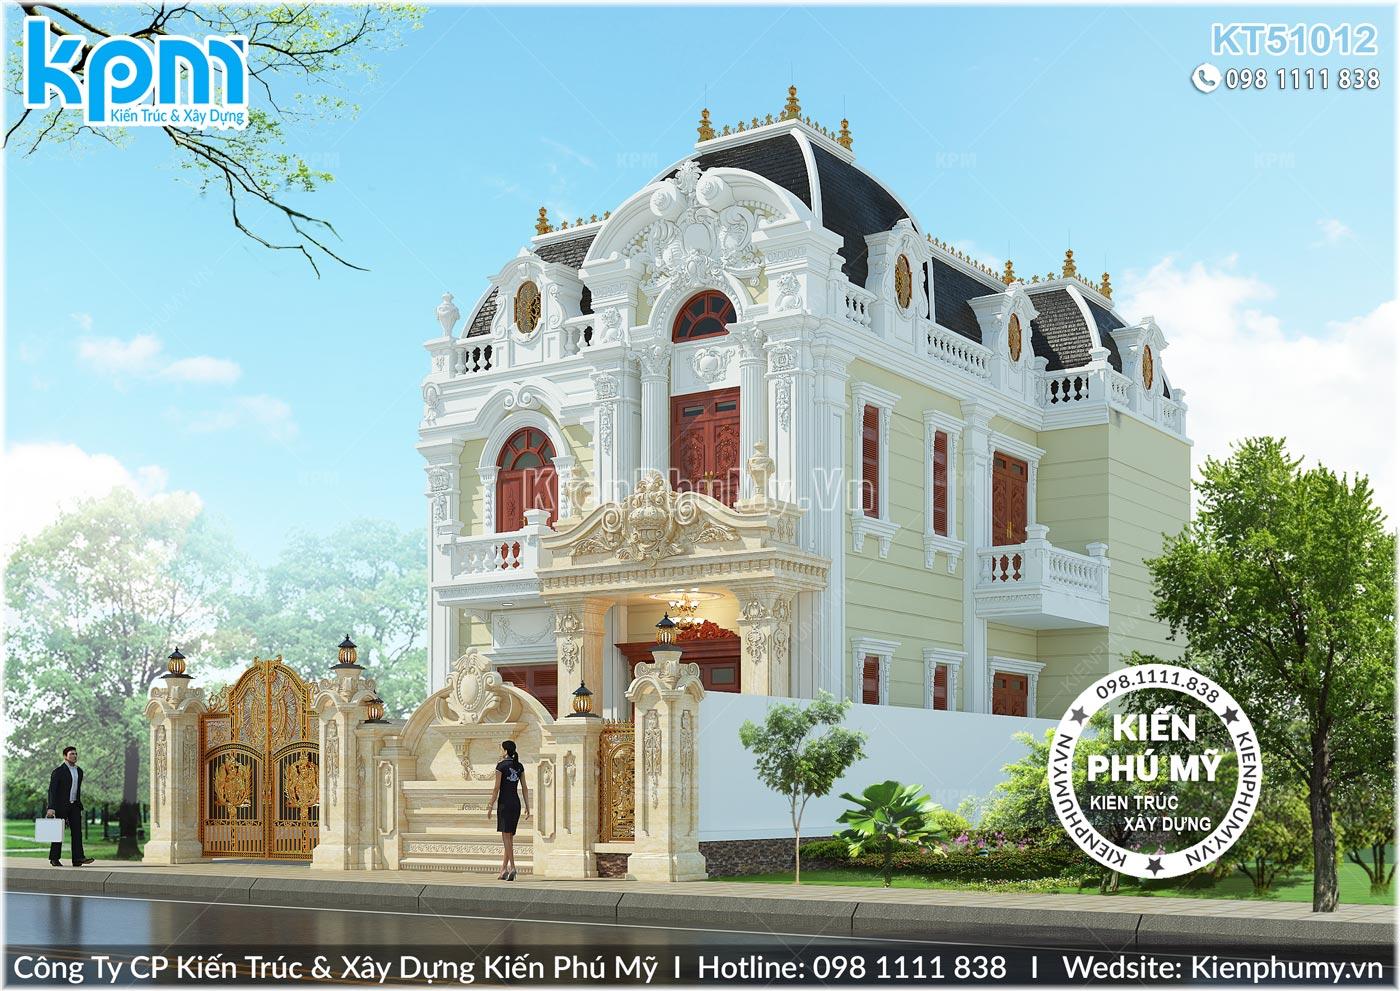 Phối cảnh kiến trúc mặt bên mẫu biệt thự 2 tầng cổ điển tại Quảng Ninh